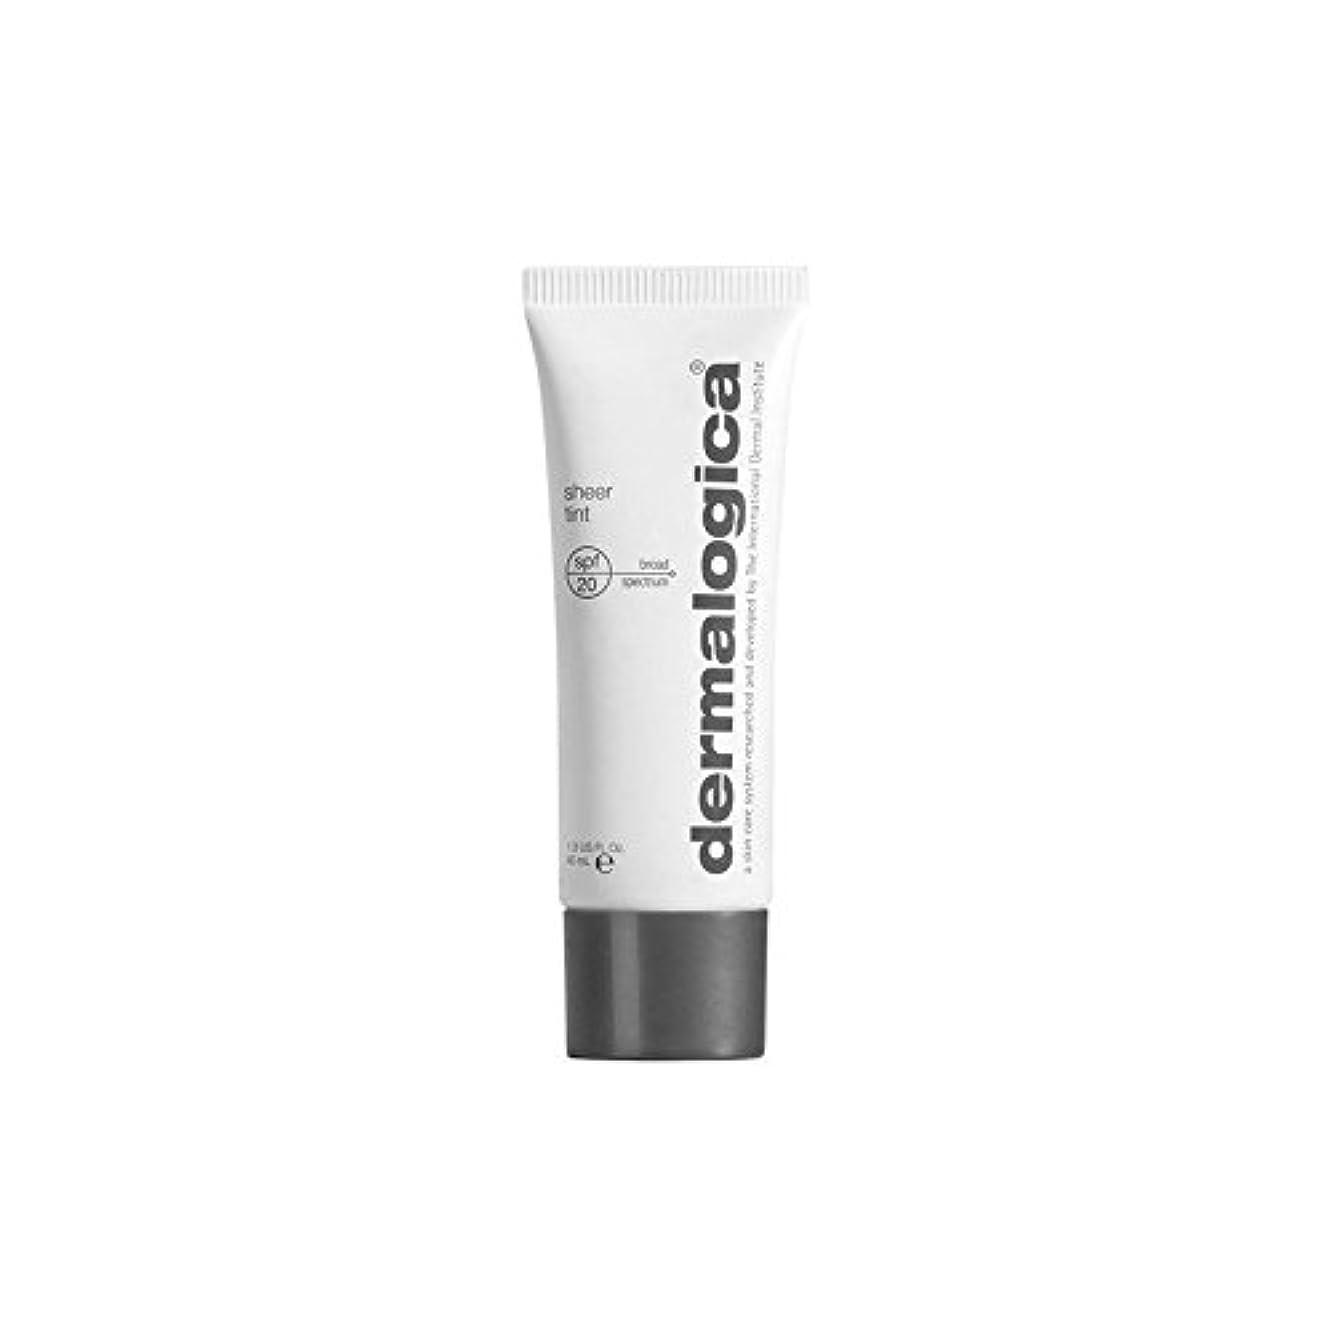 明確な重荷文房具Dermalogica Dark Sheer Tint Moisture (40ml) (Pack of 6) - ダーマロジカ暗い色合い薄手の水分(40ミリリットル) x6 [並行輸入品]